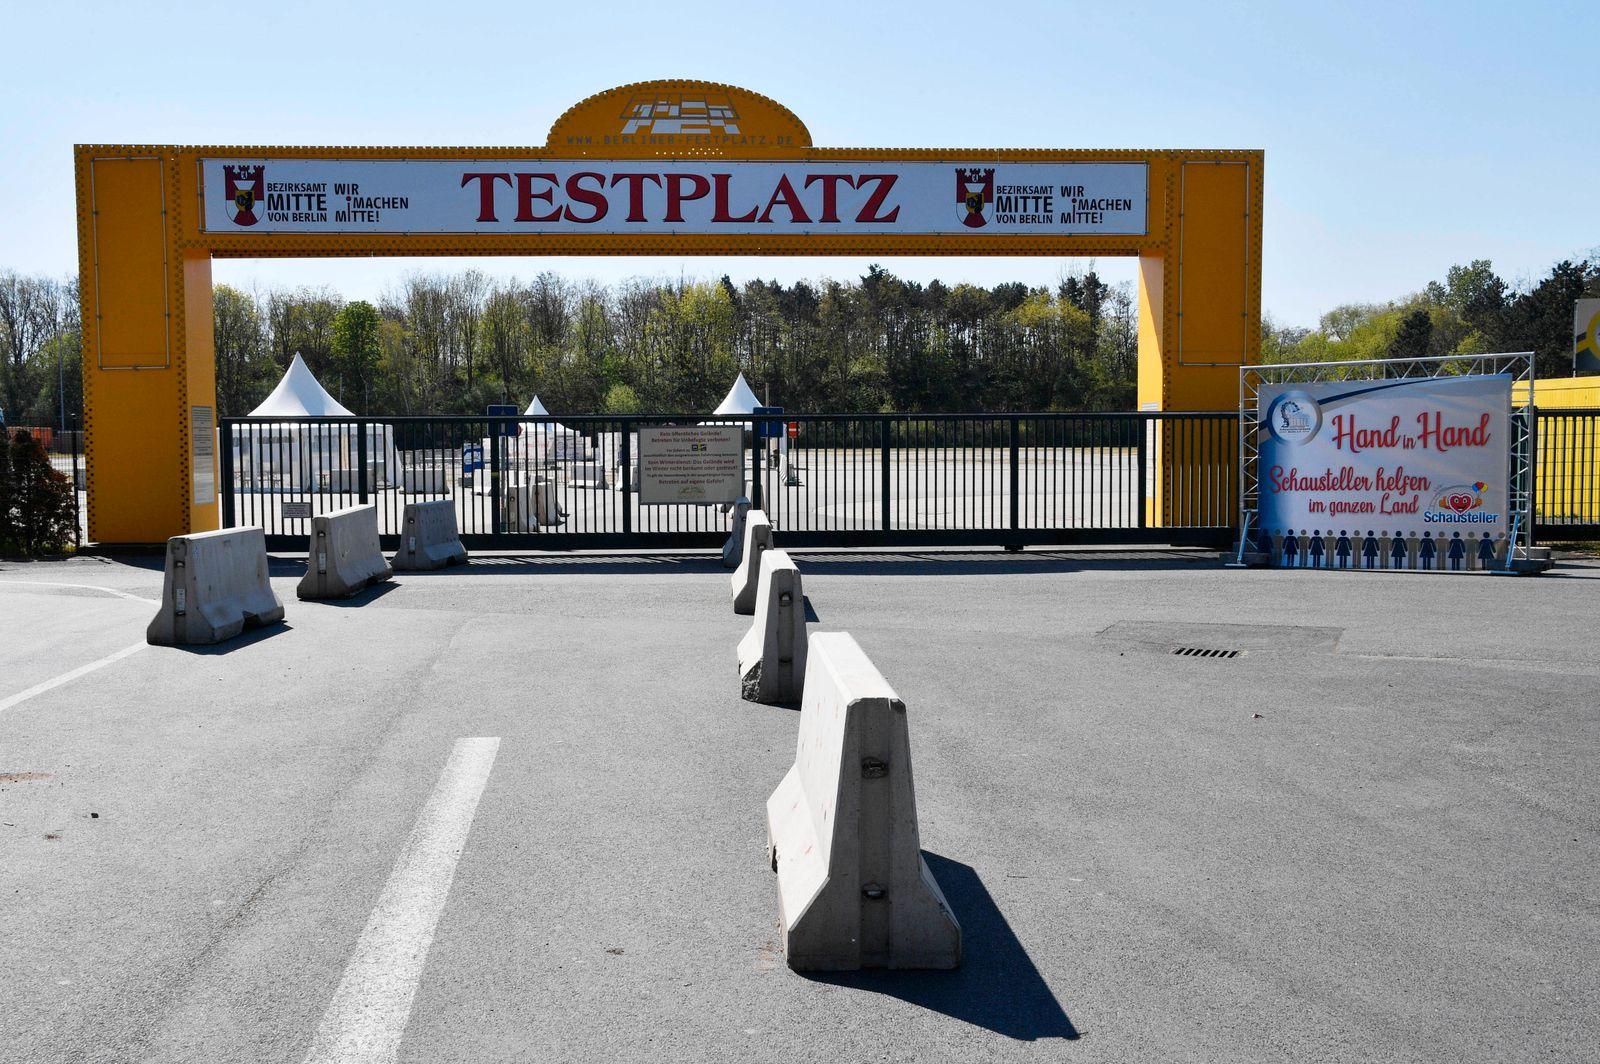 Der Zentrale Festplatz am Kurt-Schumacher-Damm 207 wird zur ersten Corona-Teststation in Berlin. Berlin, 23.04.2020 ***